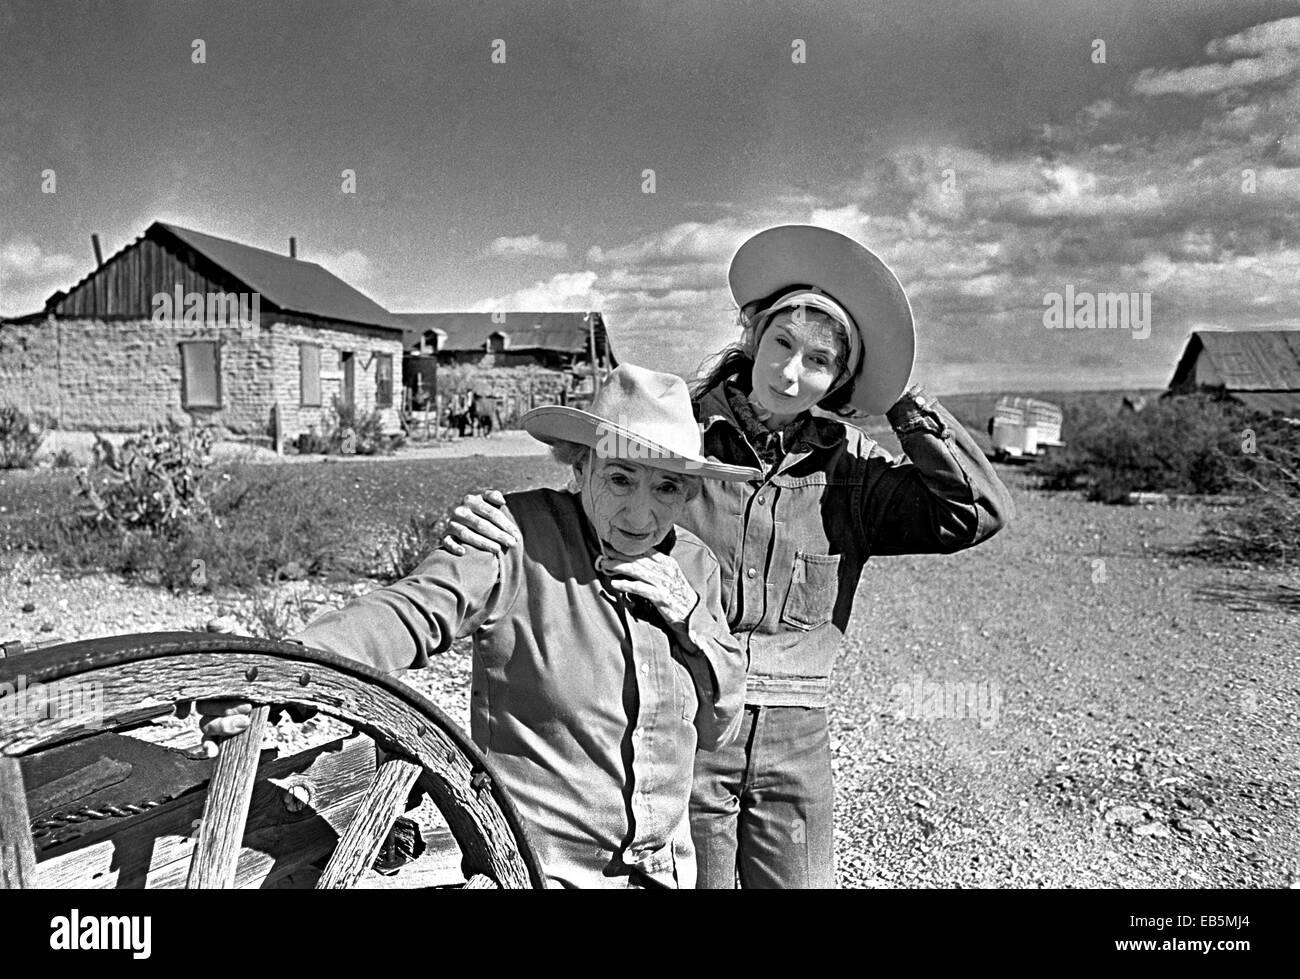 Rita y Janaloo Hill, ermitaños, mujeres que vivían en la propiedad y la ciudad fantasma de Shakespeare, Nuevo México, circa 1978 Foto de stock